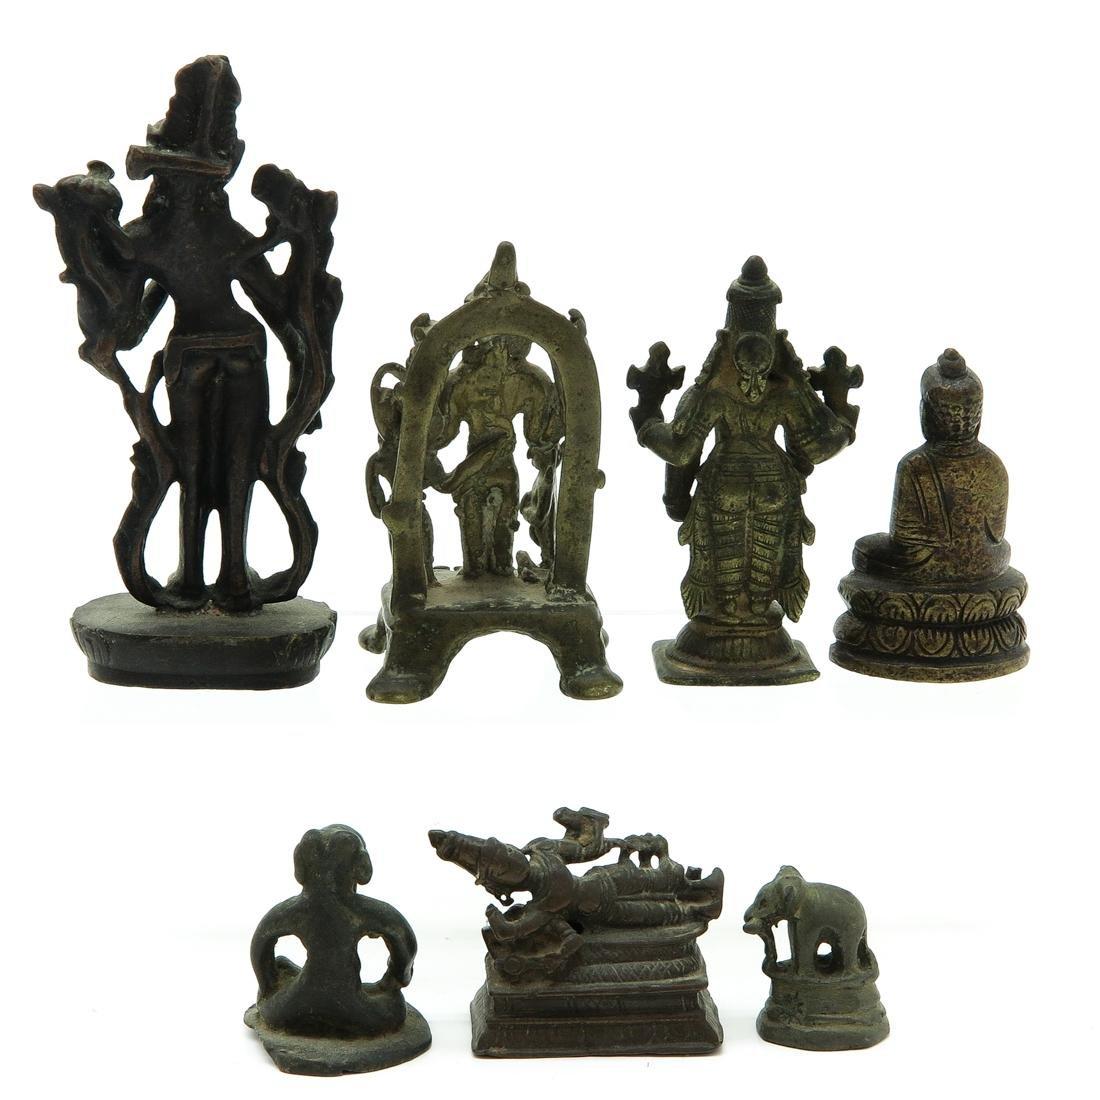 Lot of 7 Metal Sculptures - 3